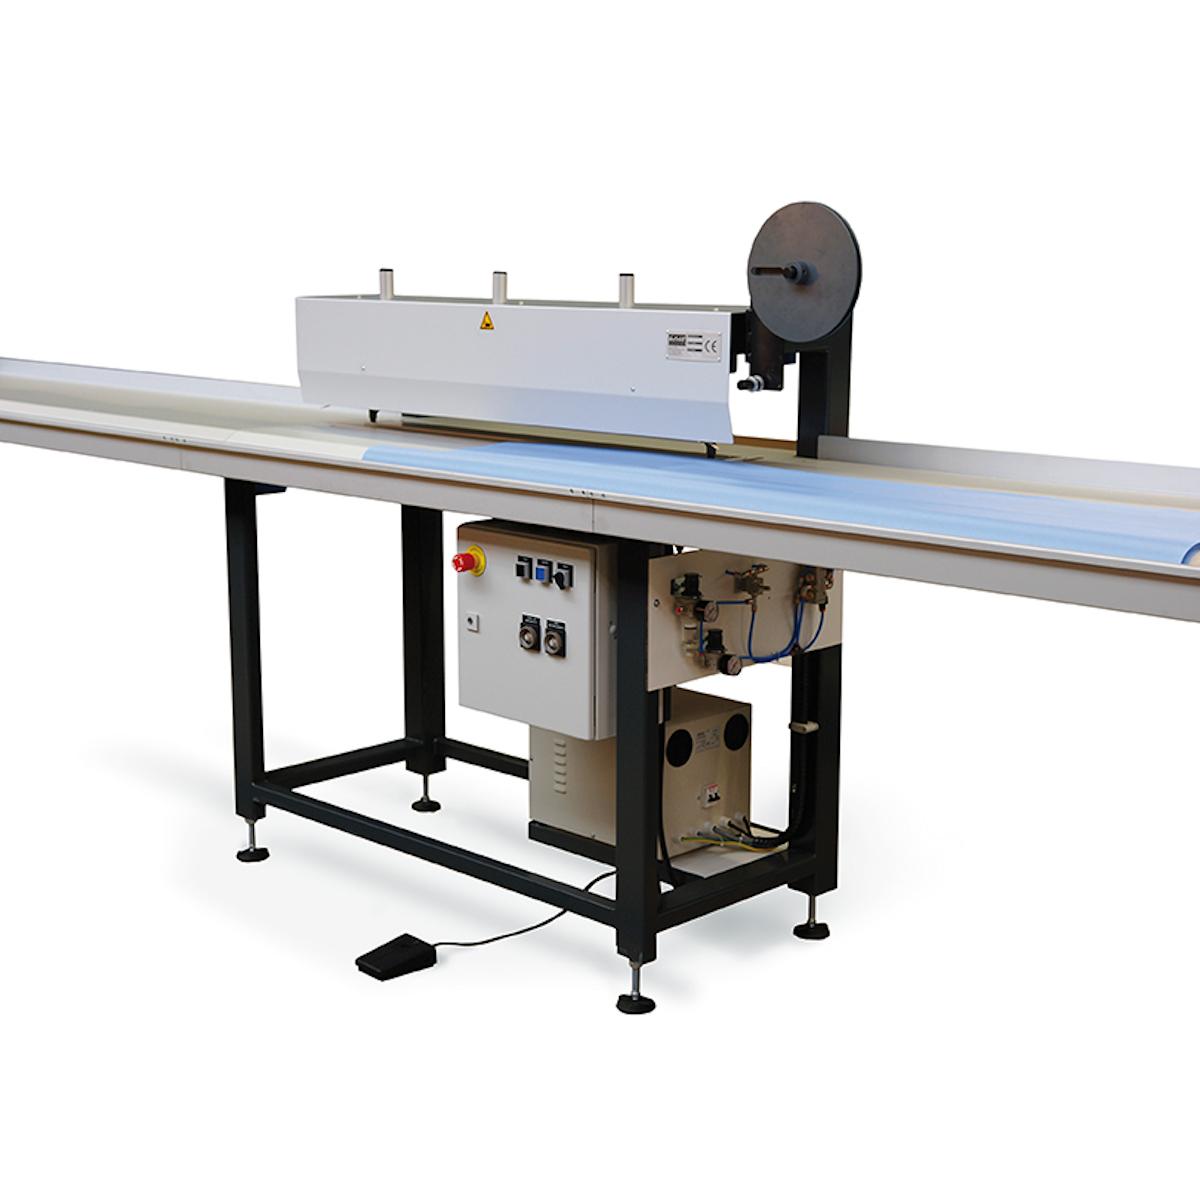 IL110 Universal Welding Machine